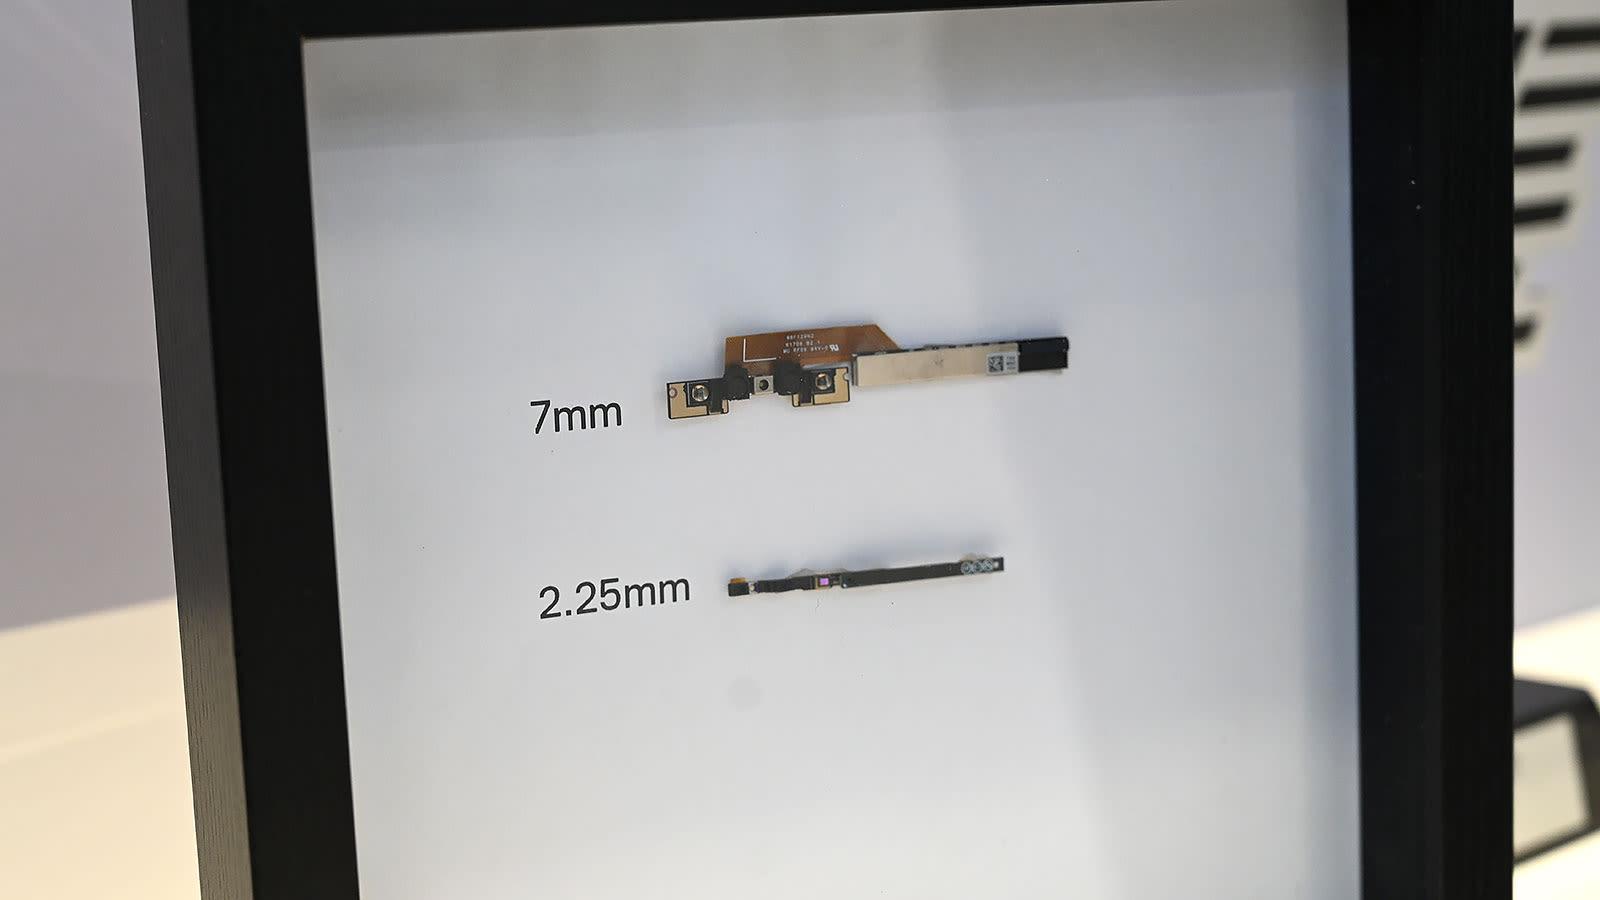 Comparación de tamaño entre la cámara web del anterior XPS 13 y la nueva cámara web micro HD.